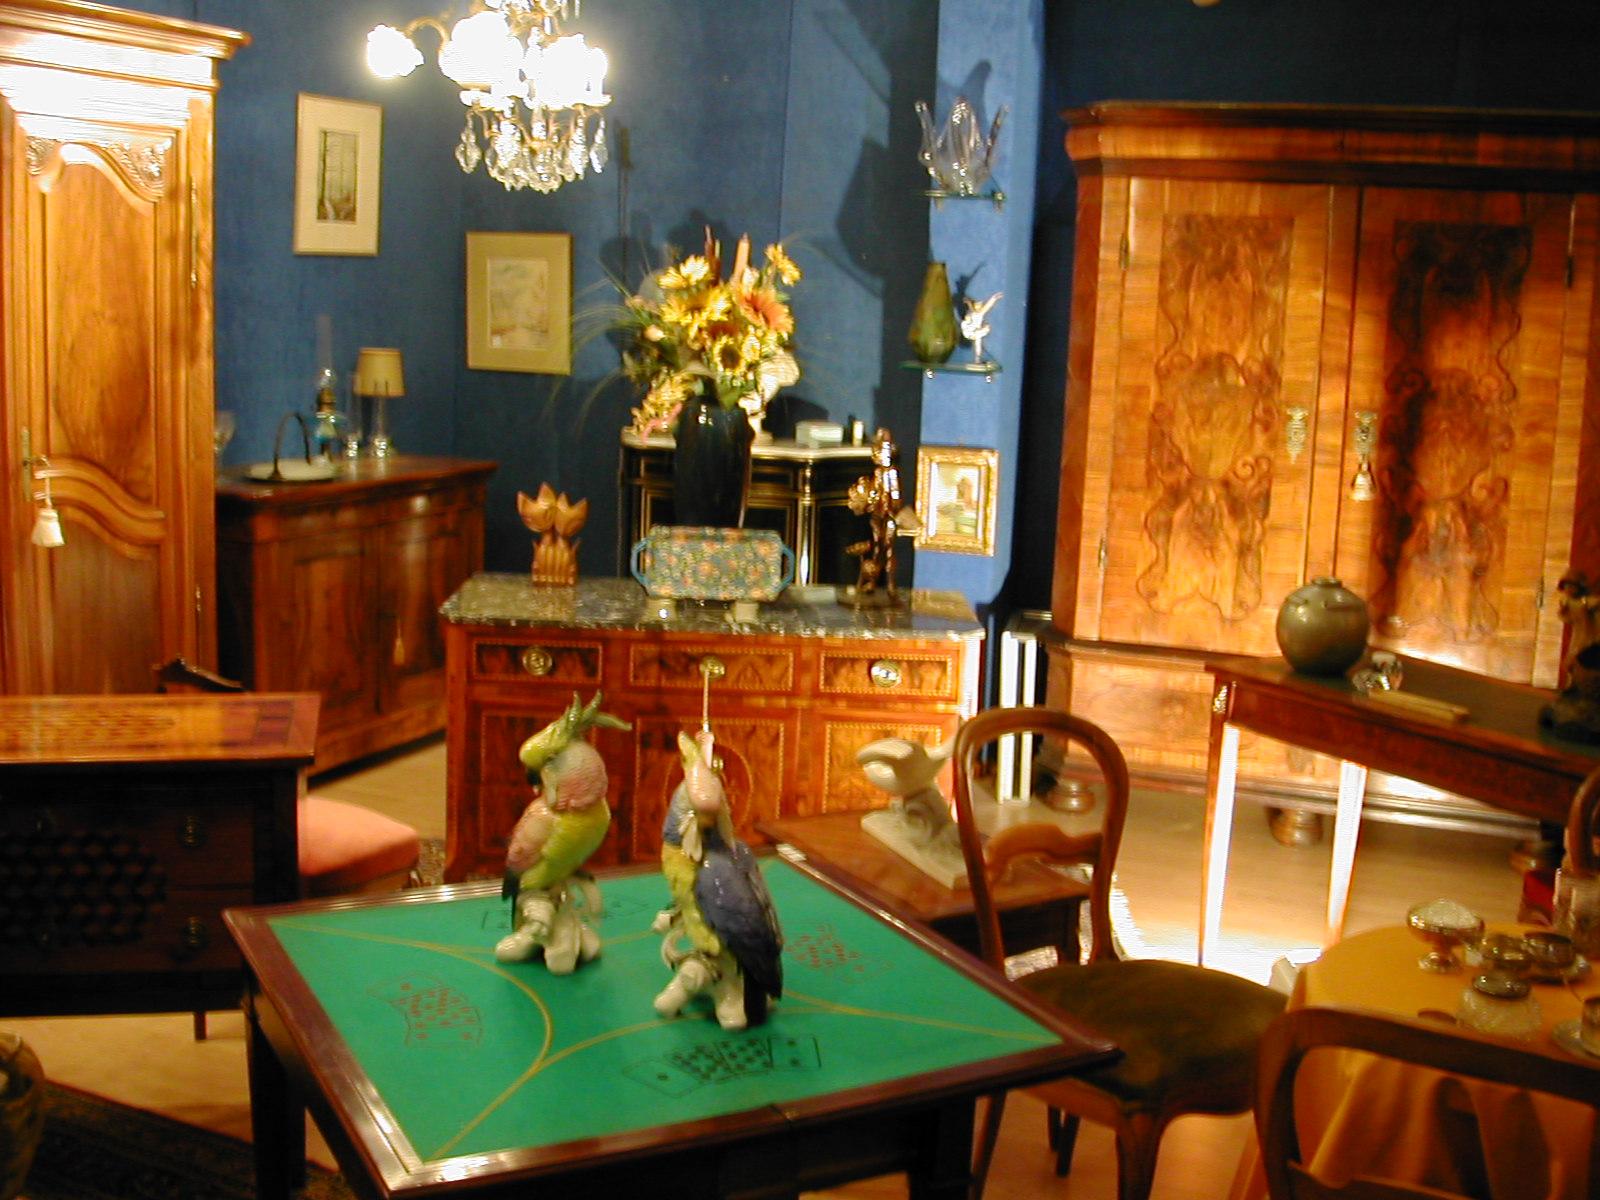 Salon antiquit s et belle brocante 16 mieux vivre for Salon brocante